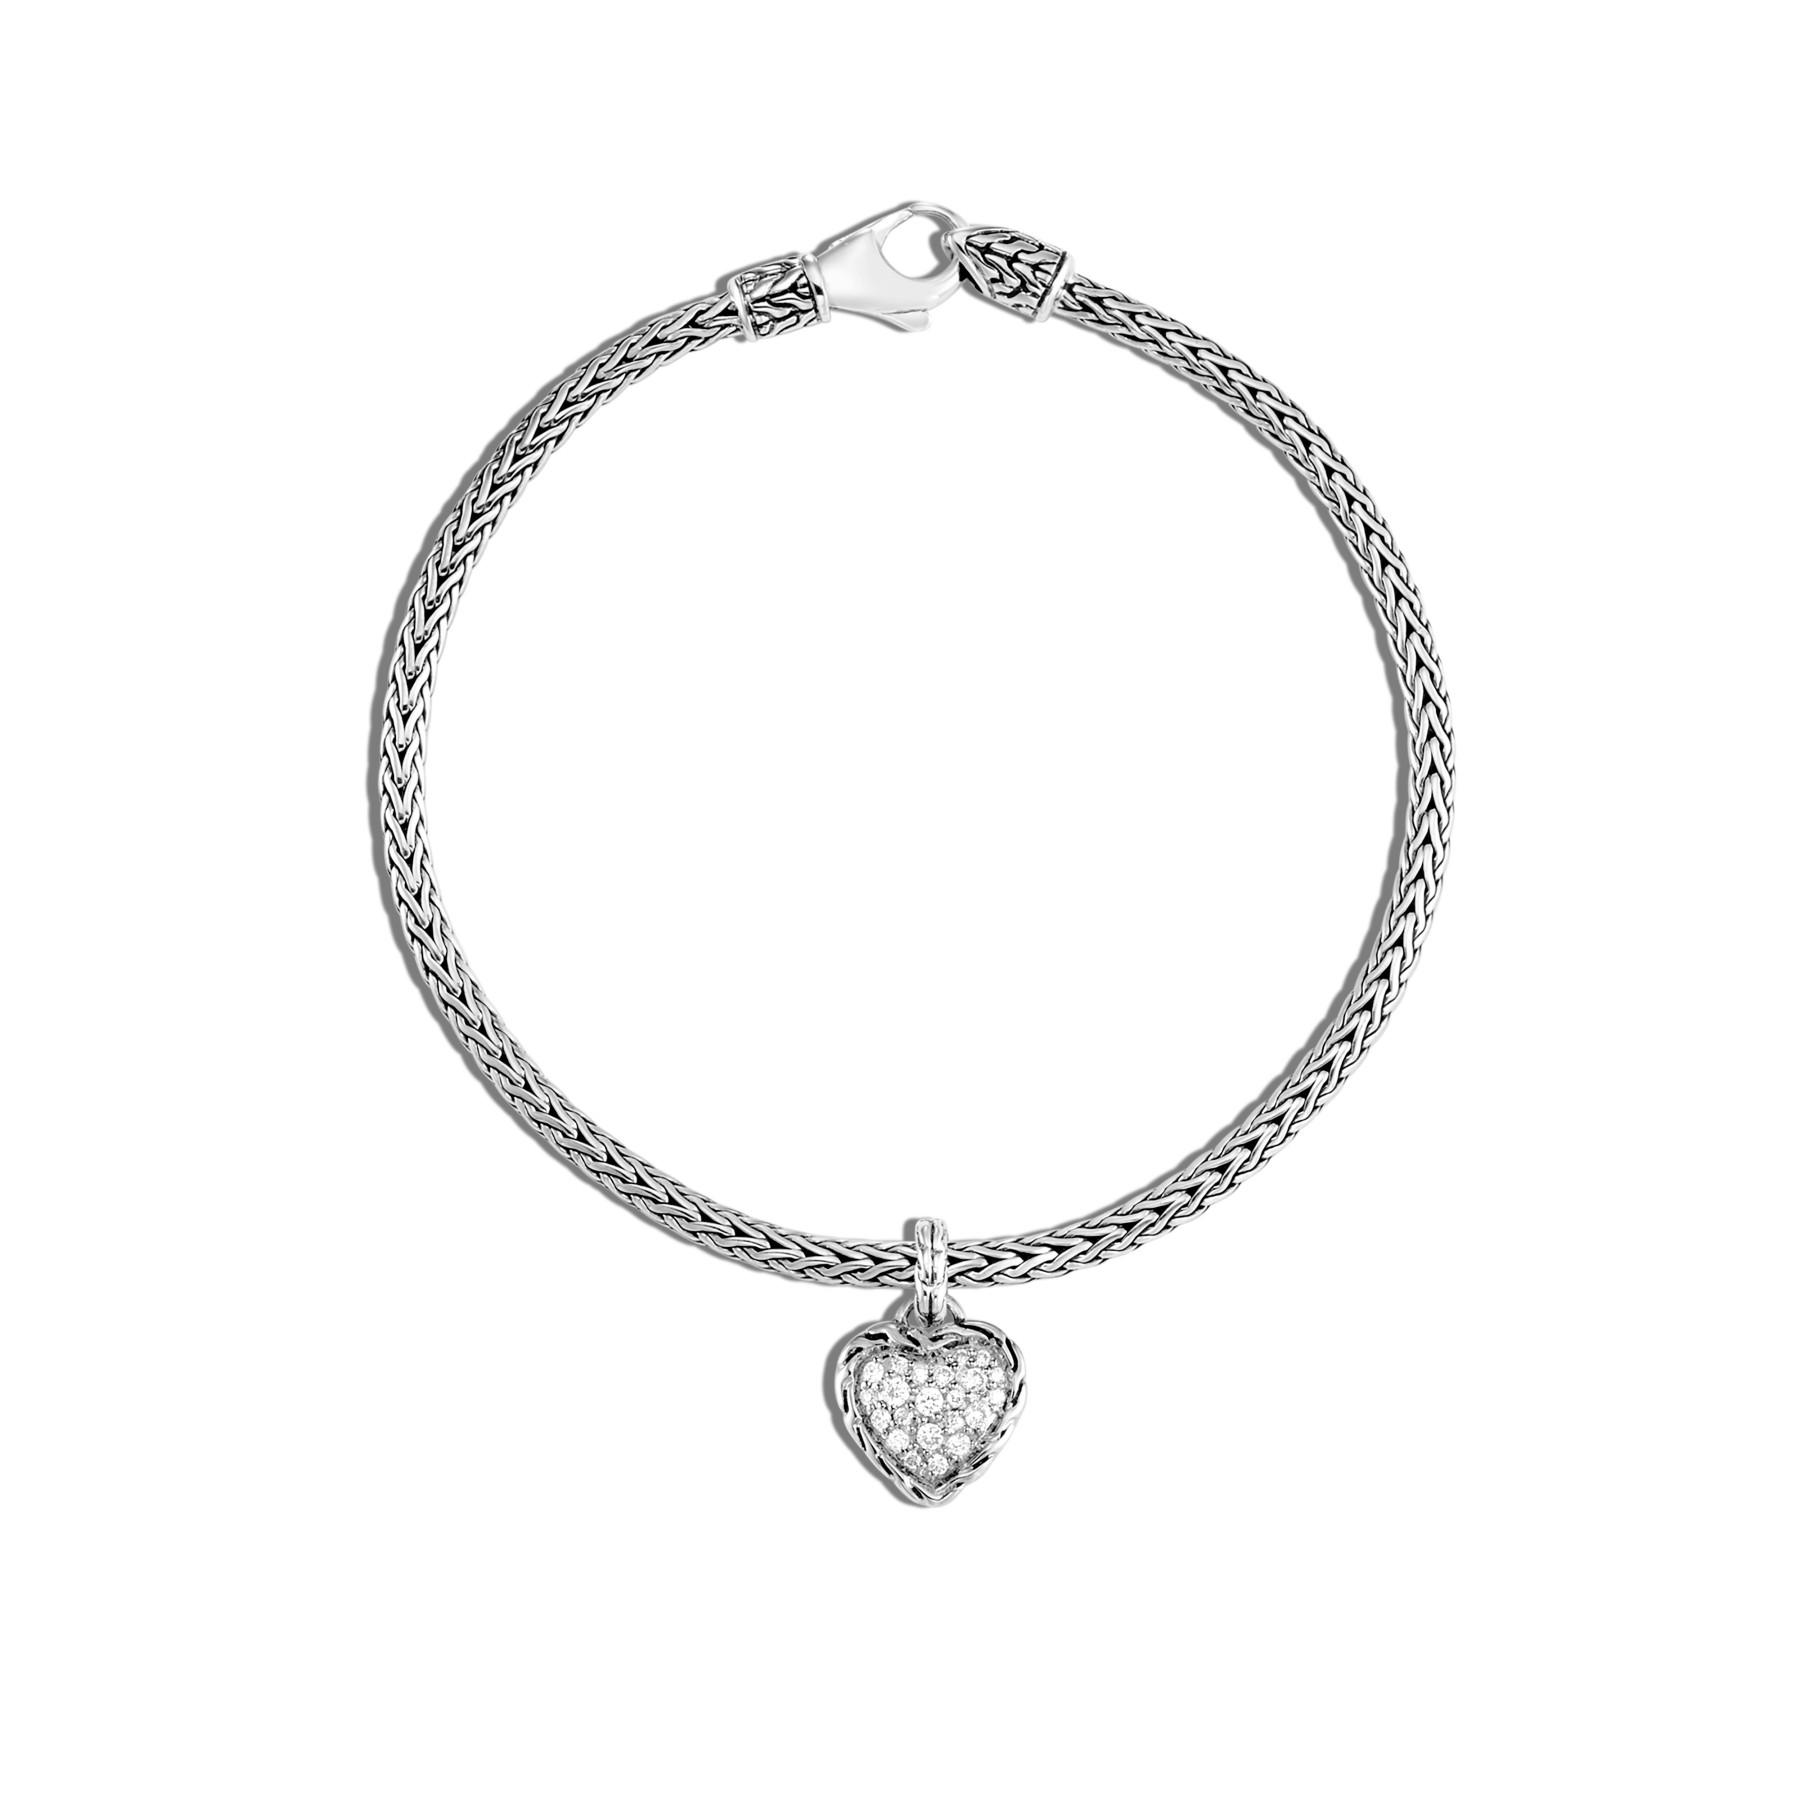 John Hardy Classic Chain Diamond Heart Charm Bracelet in sterling silver